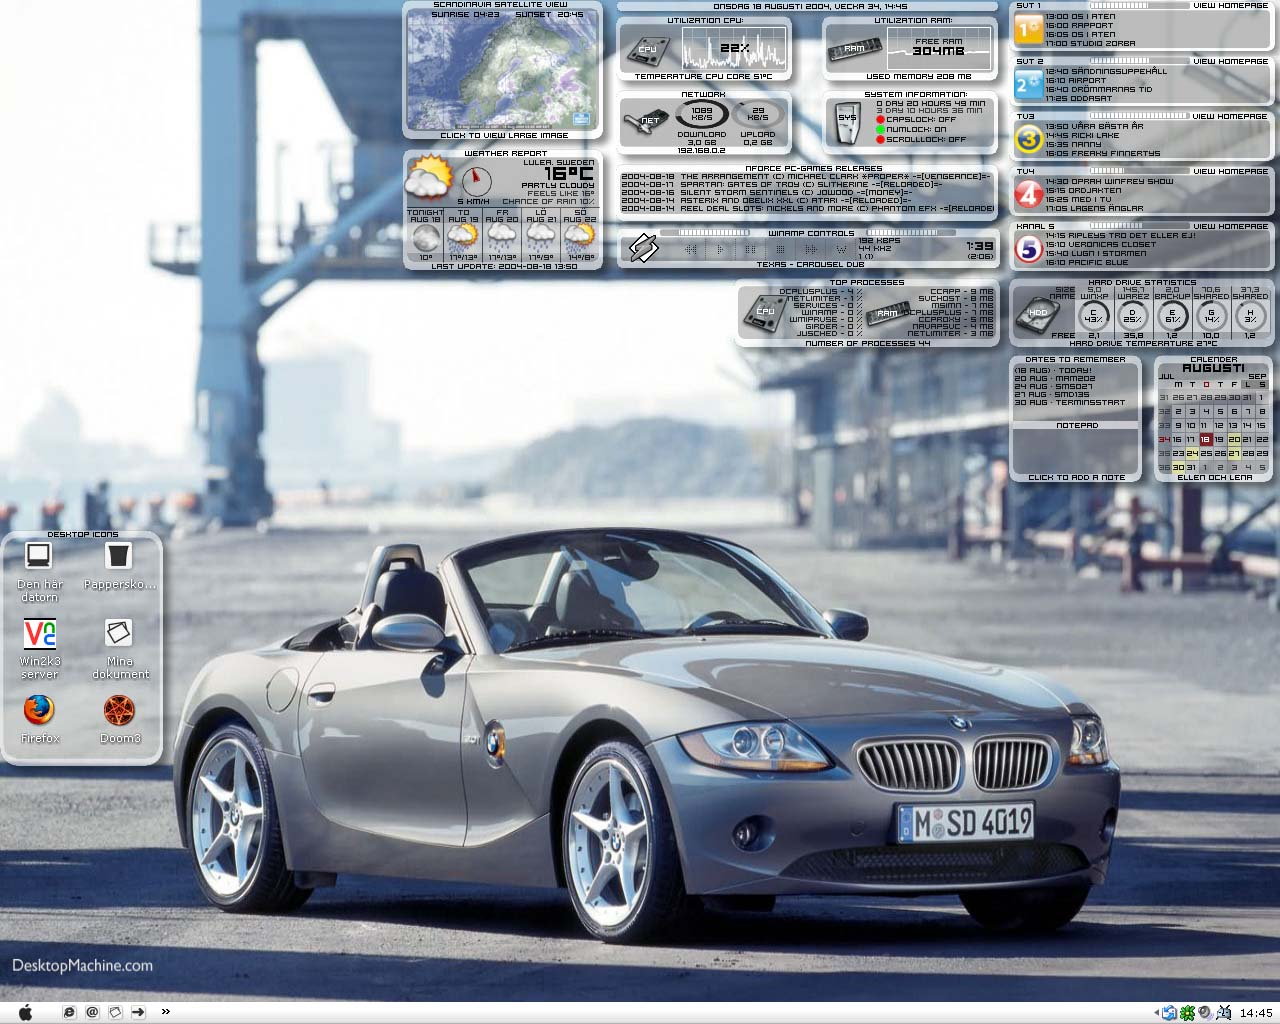 Title: Desktop screenshot